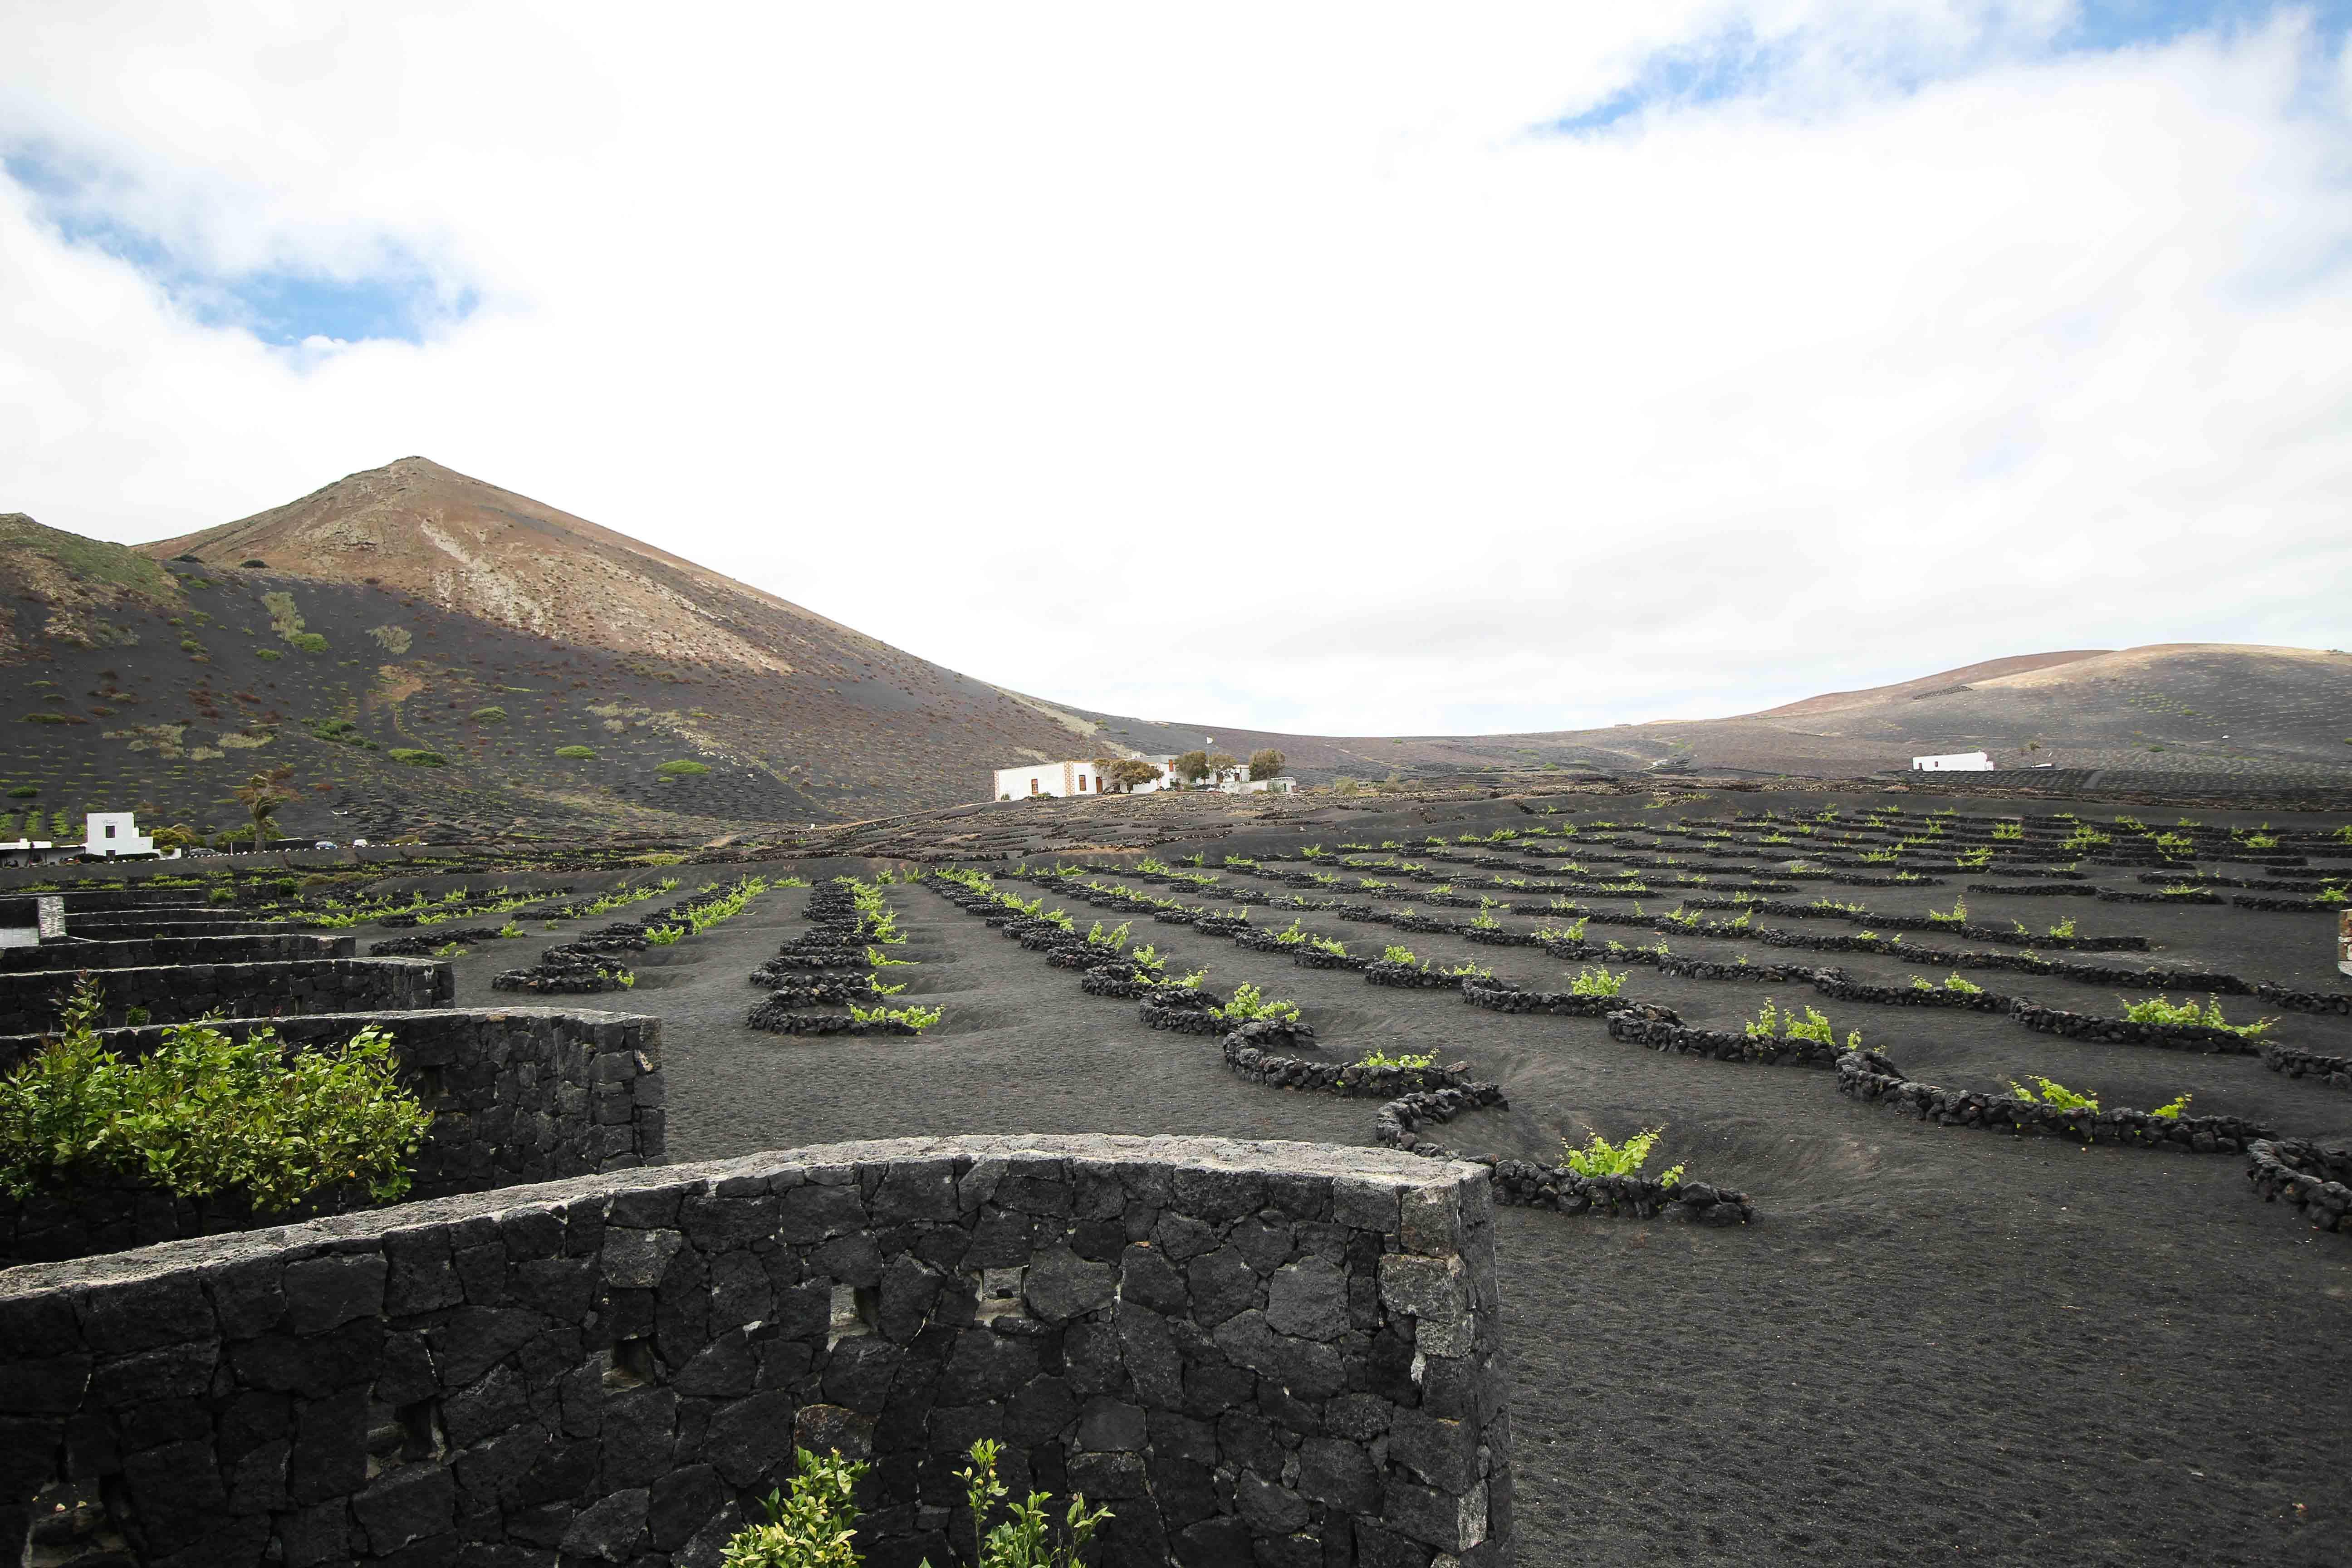 Top 10 Tipps Lanzarote Sehenswürdigkeiten Insider Tipps Lanzarote Spanien La Geria Weinbaugebiet Wein Vulkan